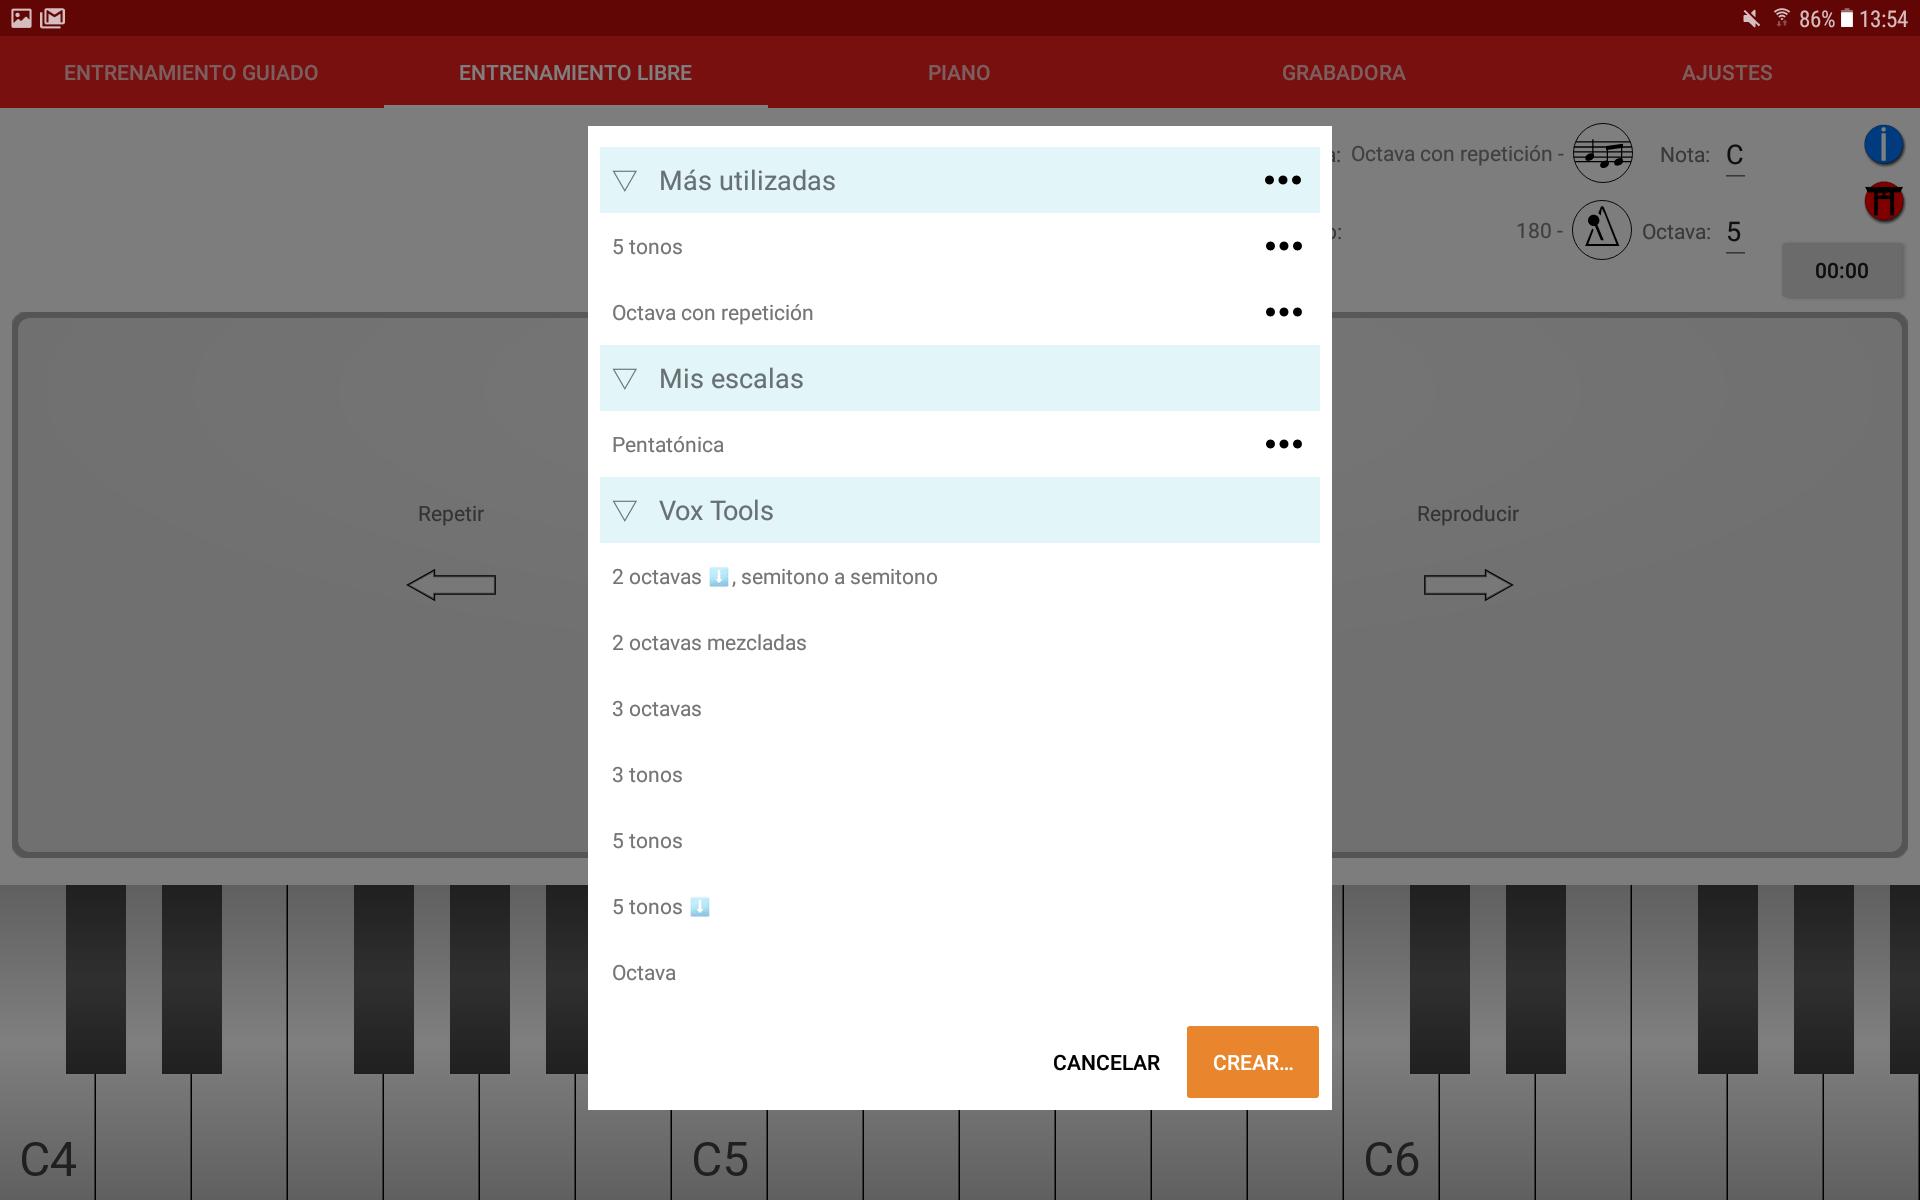 vox tools 1.4 selector de escala